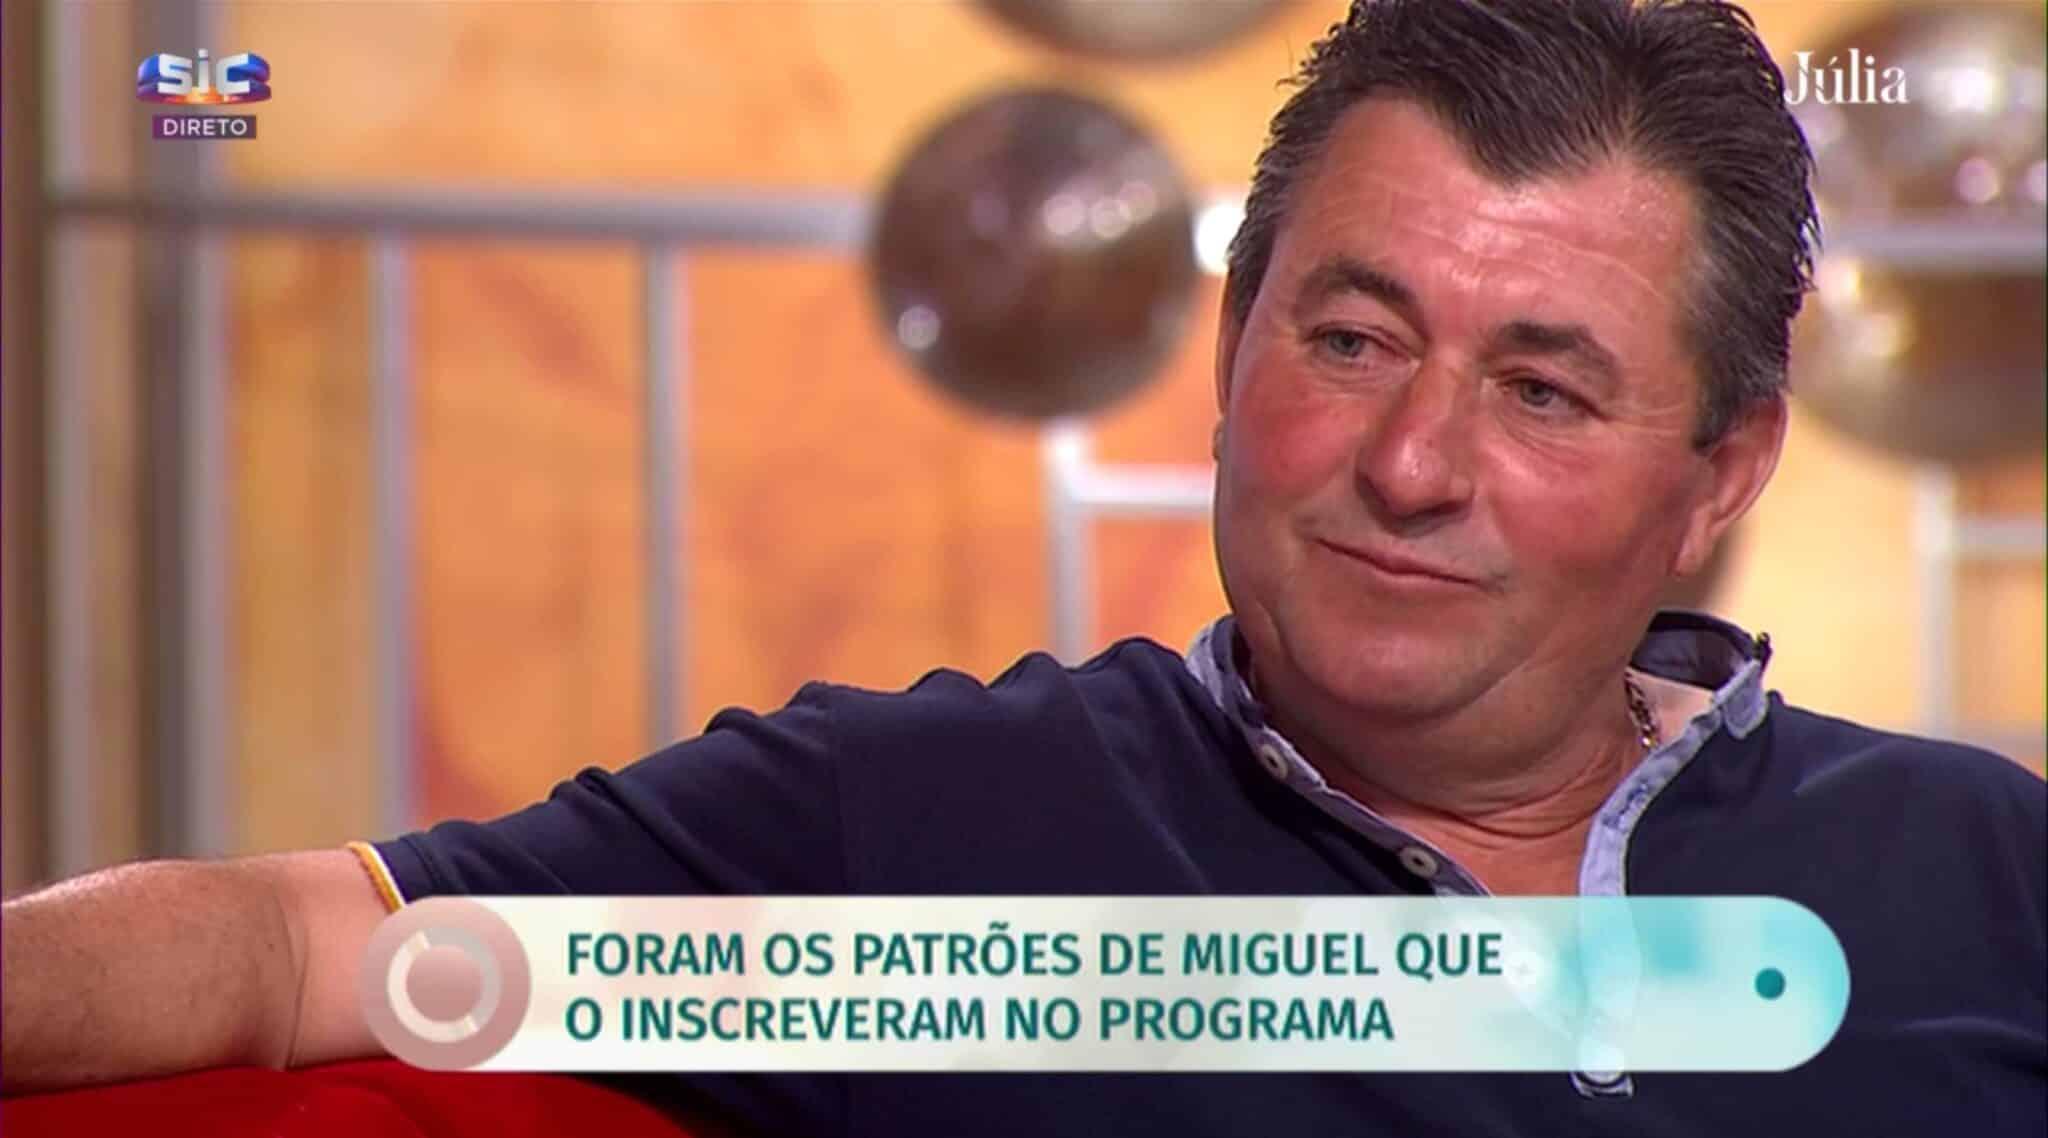 """Quem Quer Namorar Com O Agricultor Miguel Scaled Sic. Agricultor Miguel Carvalho Fala Sobre Impacto Da Fama: """"Vendem A Mentira&Quot;"""